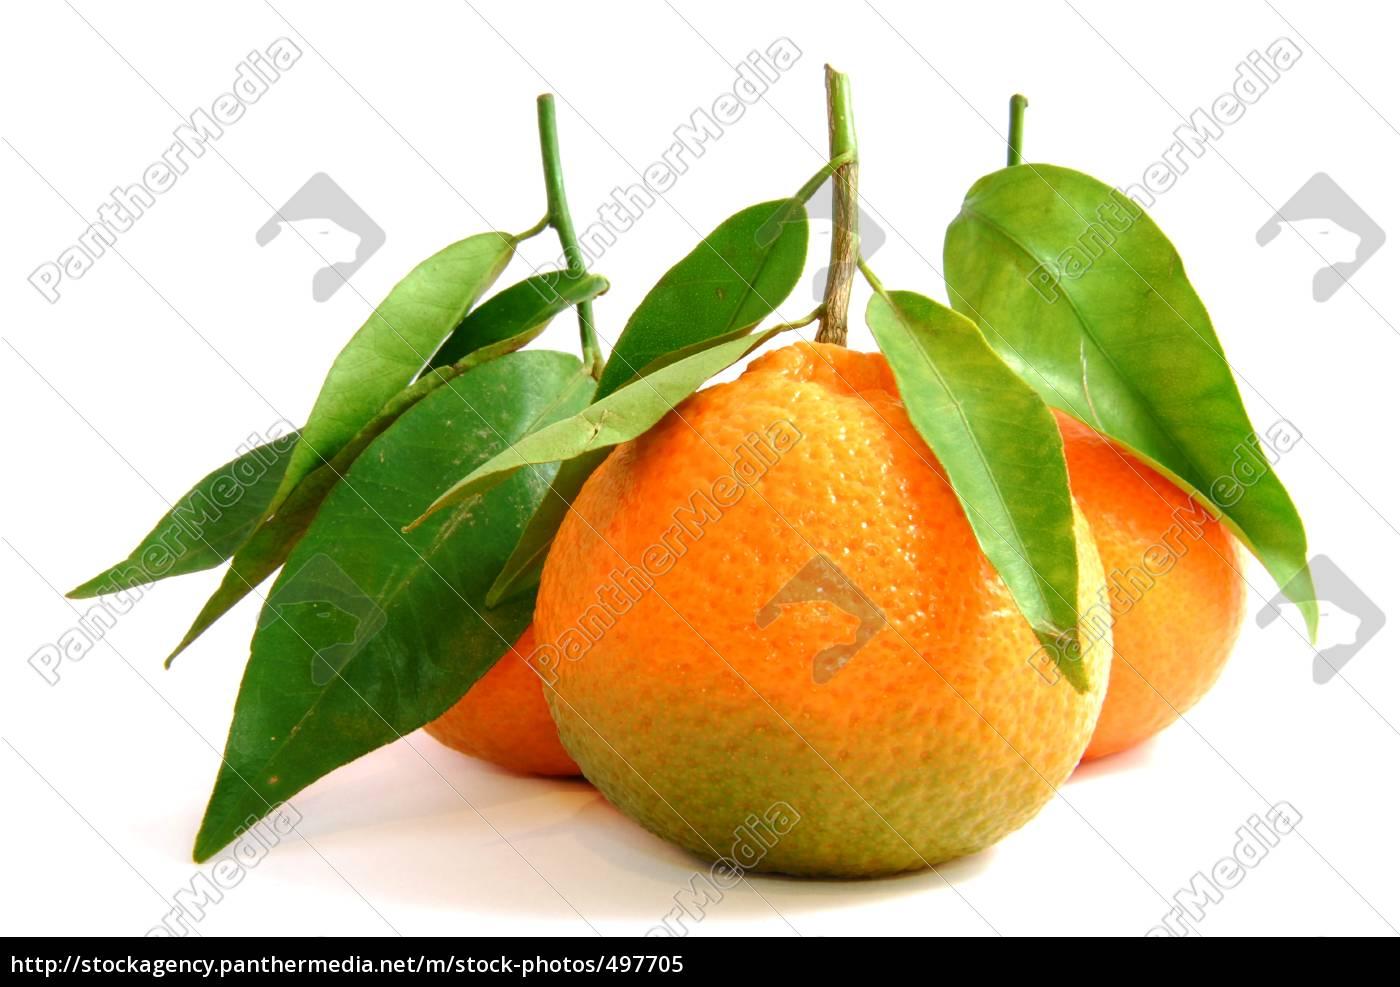 fresh, clementine - 497705